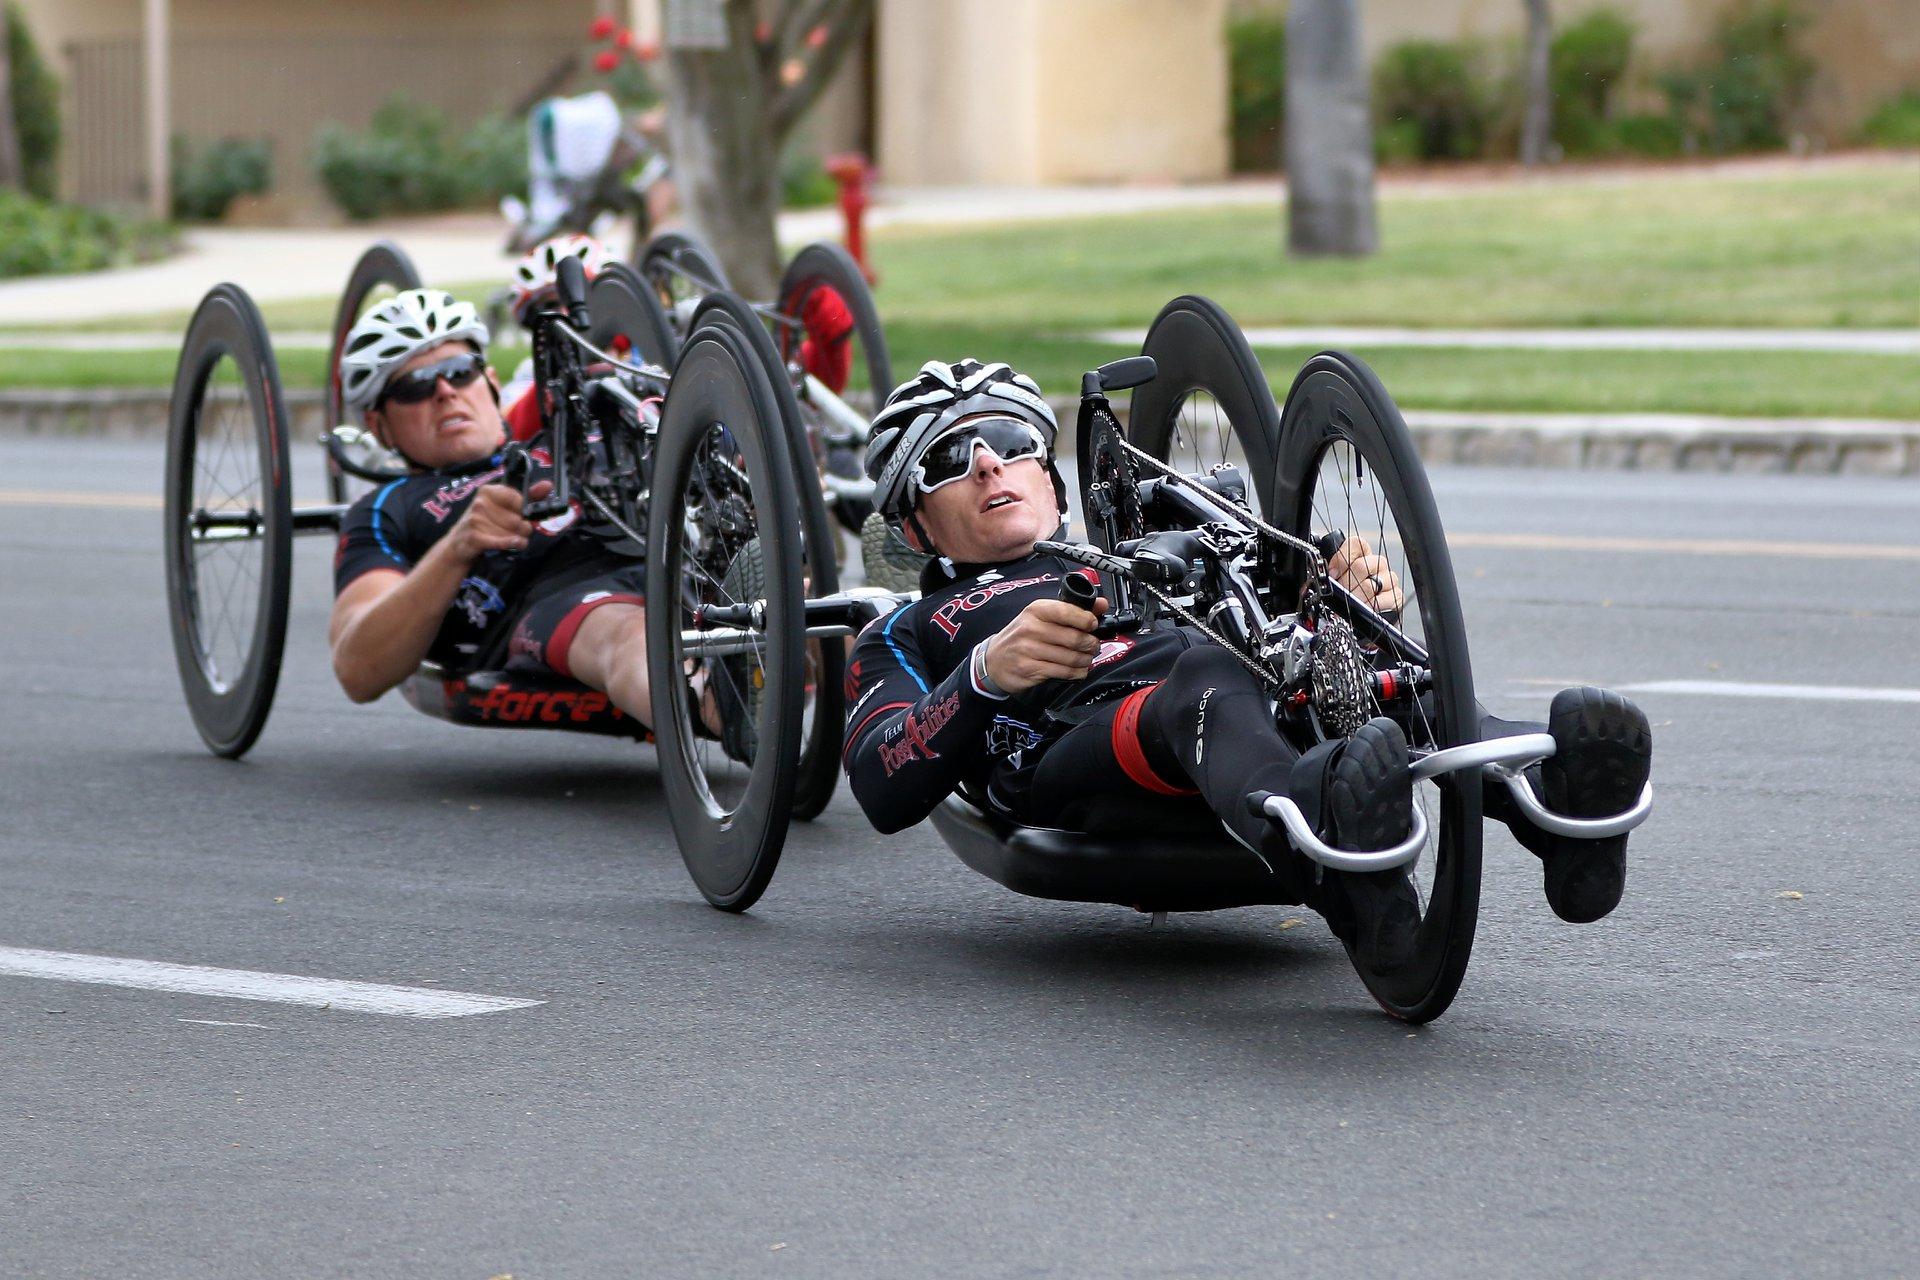 Conoce el recorrido y restricciones de tráfico para la Copa de Europa de paracycling de este sábado